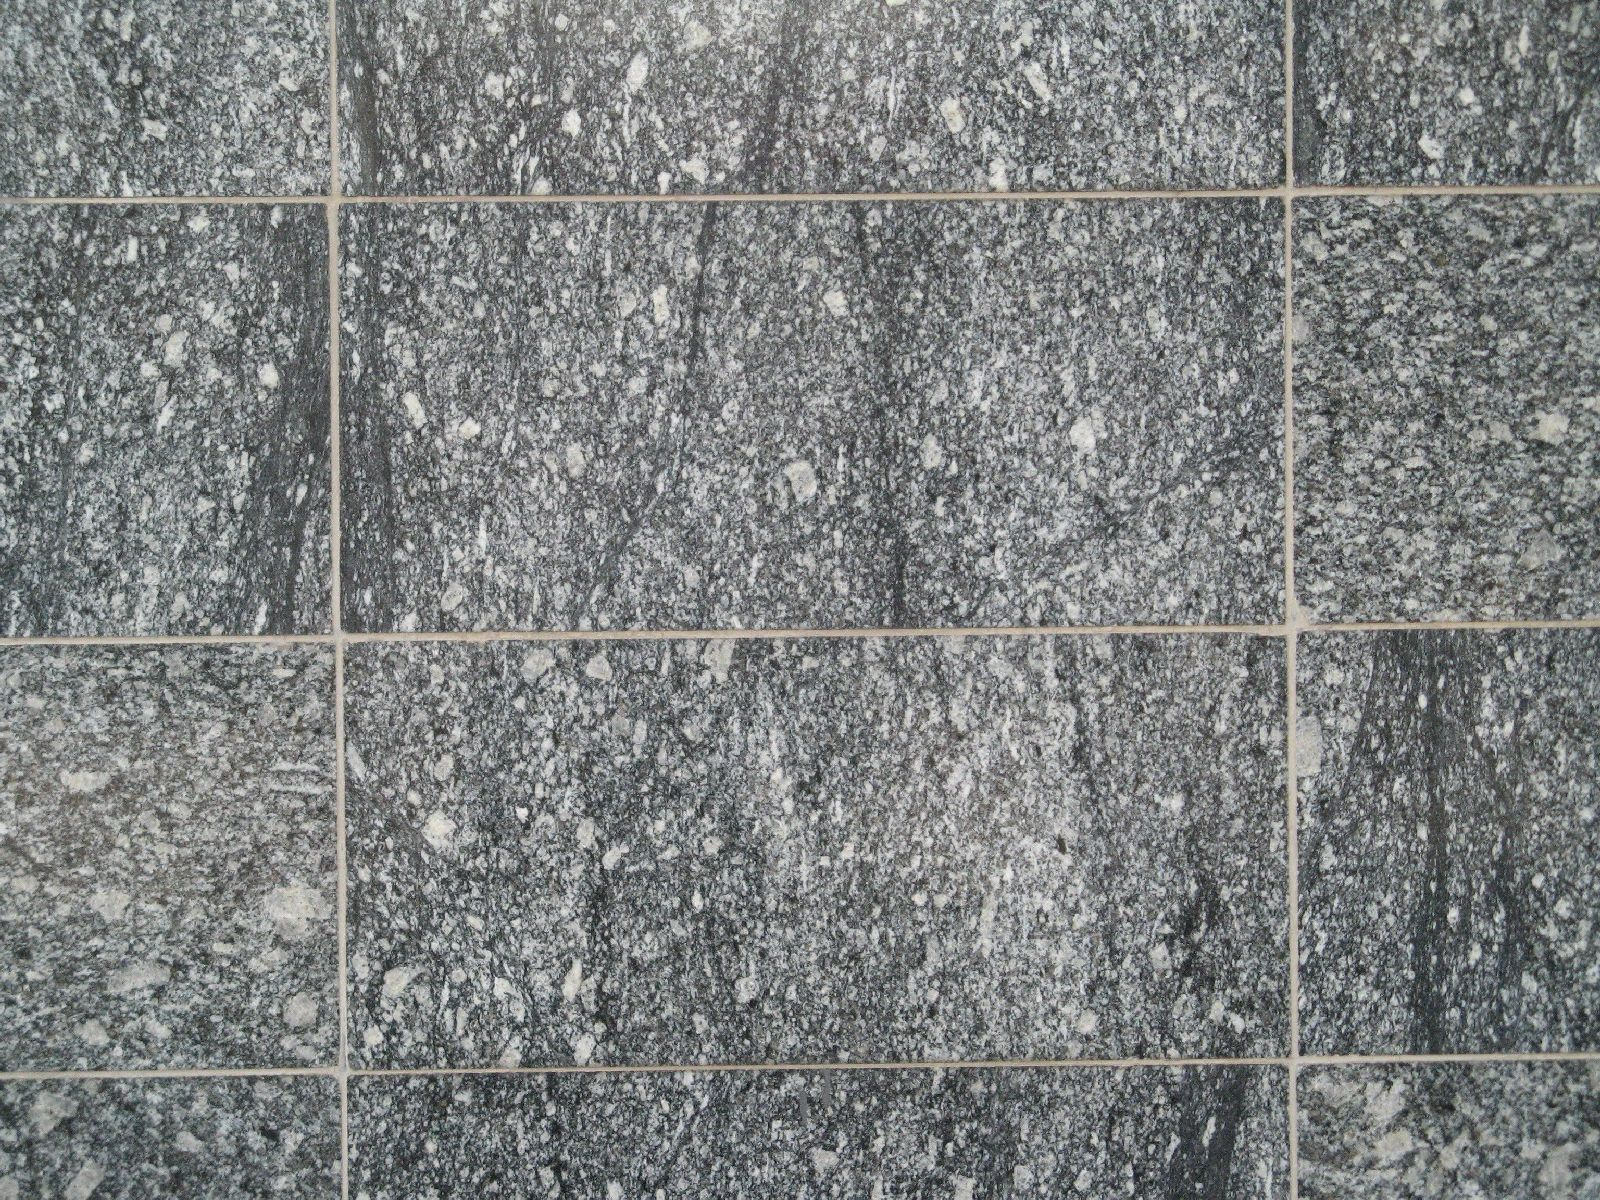 Boden-Gehweg-Strasse-Buergersteig-Textur_B_3601